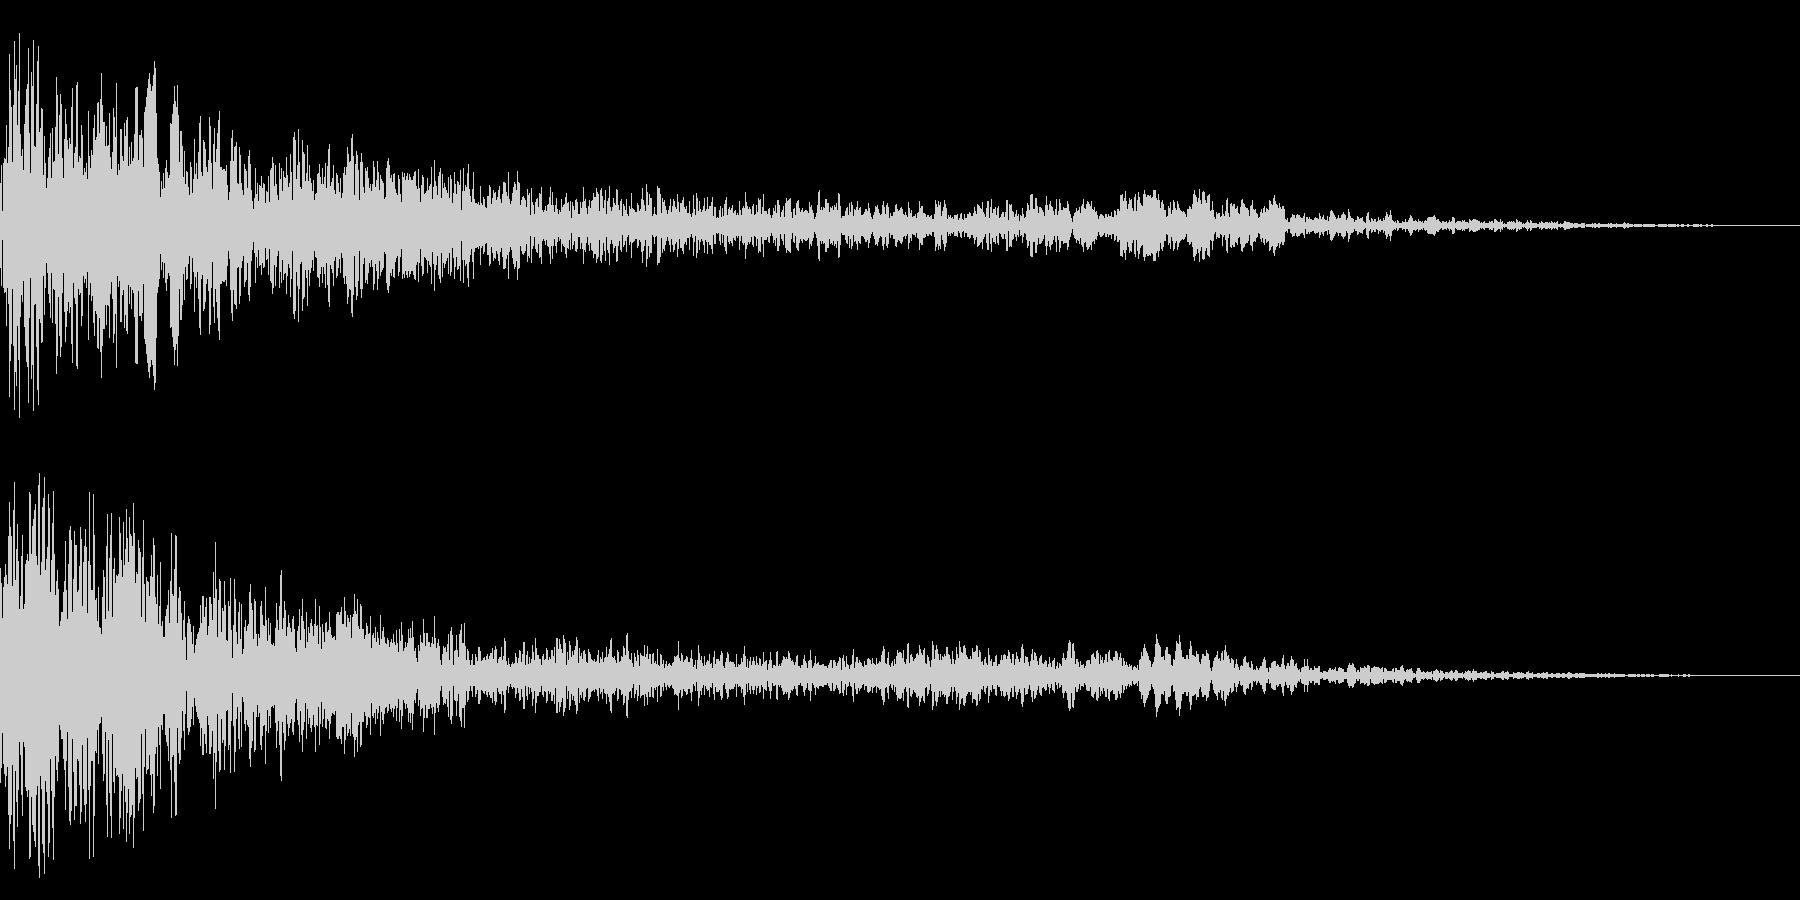 ホラー系アタック音29の未再生の波形